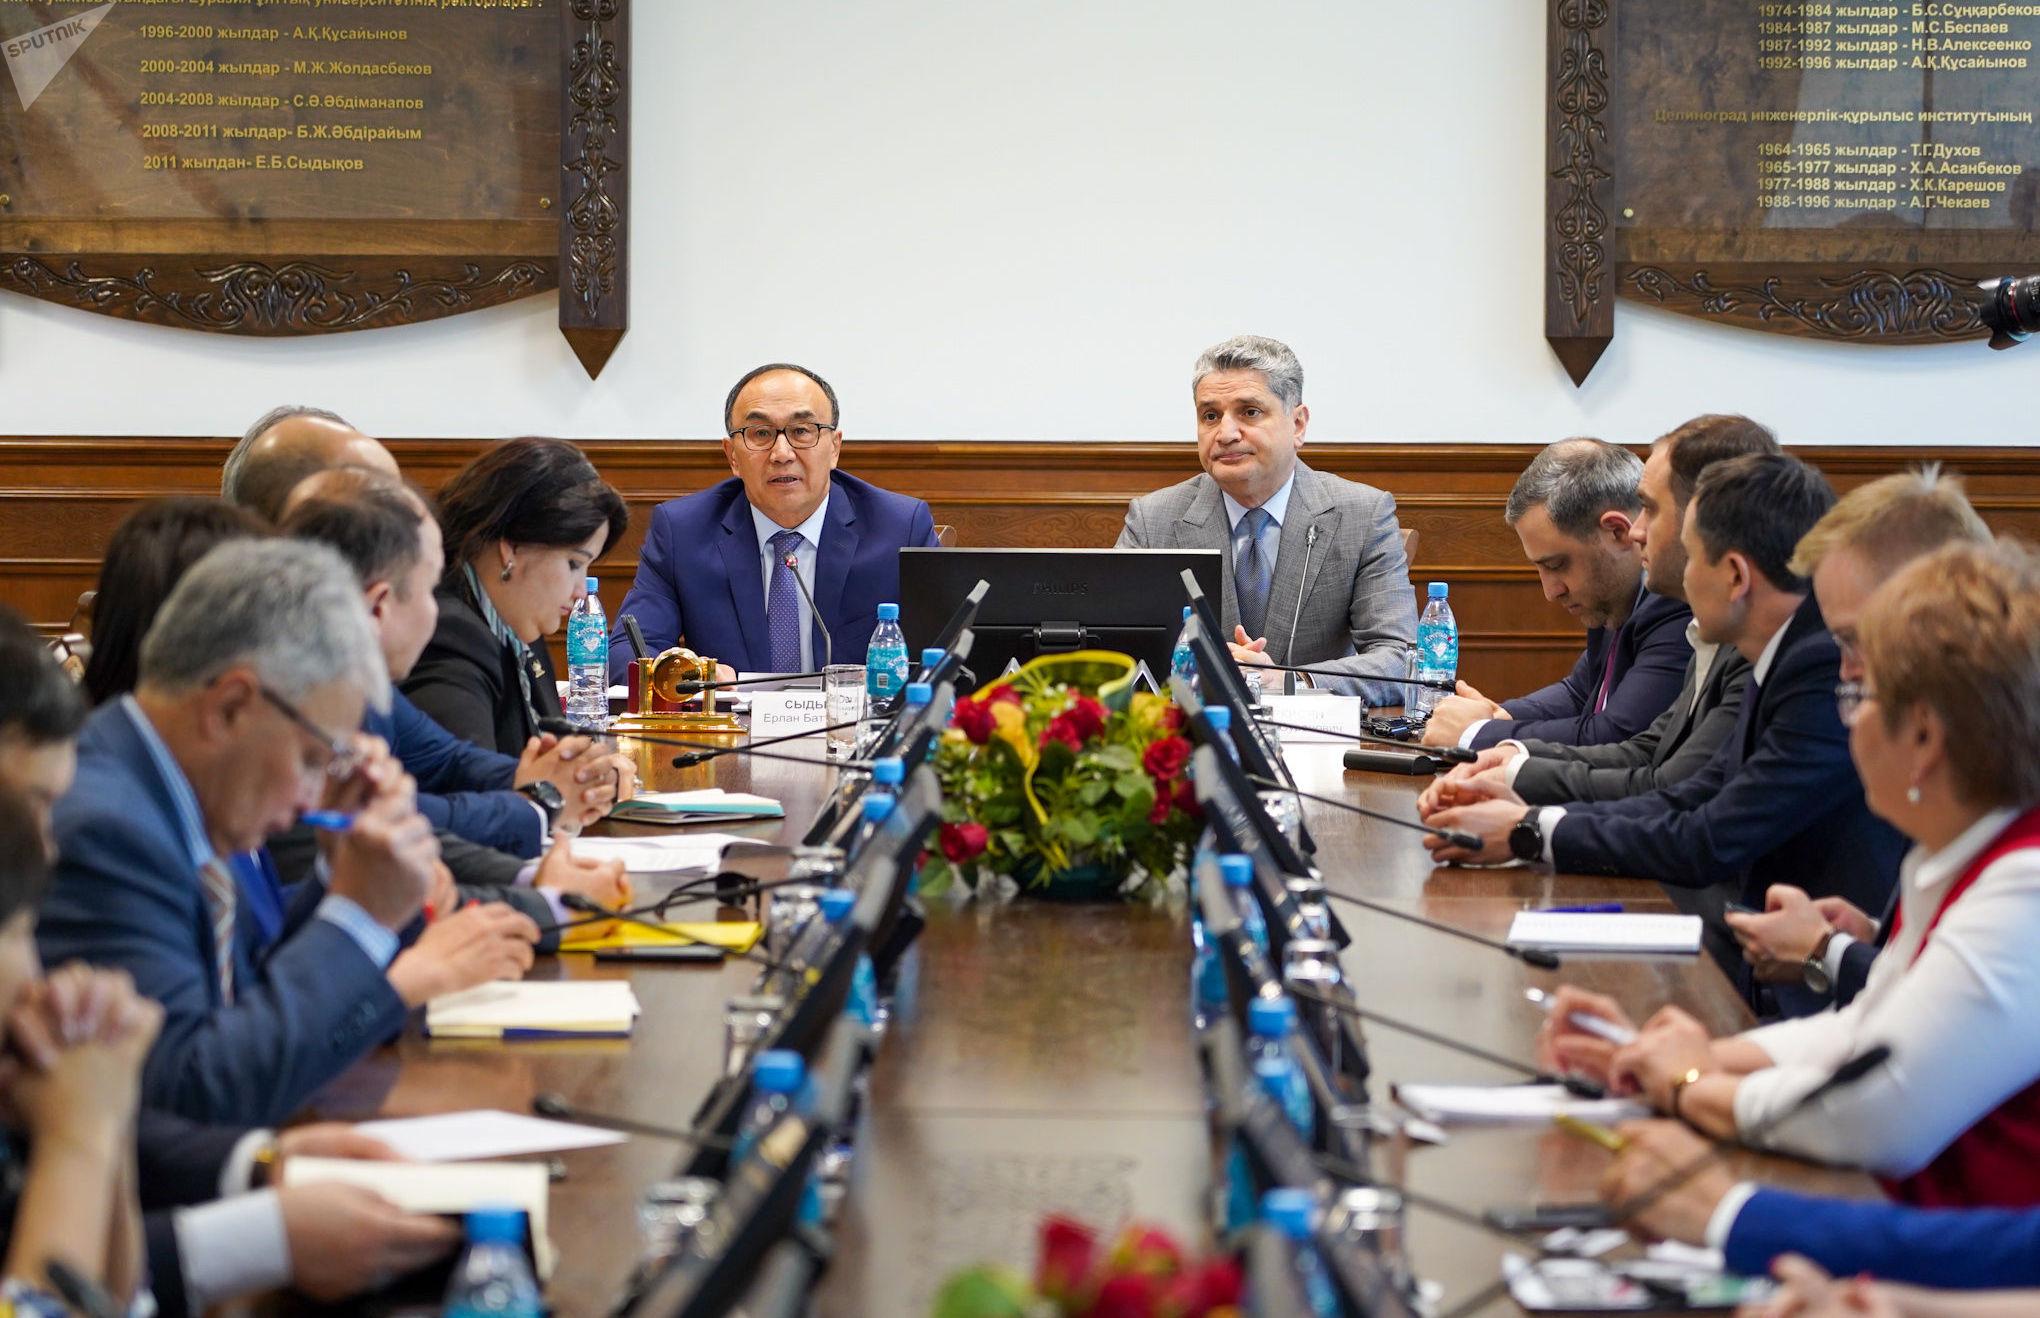 Председатель Коллегии Евразийской экономической комиссии Тигран Саркисян и ректор ЕНУ имени Л.Гумилева Ерлан Сыдыков (слева)